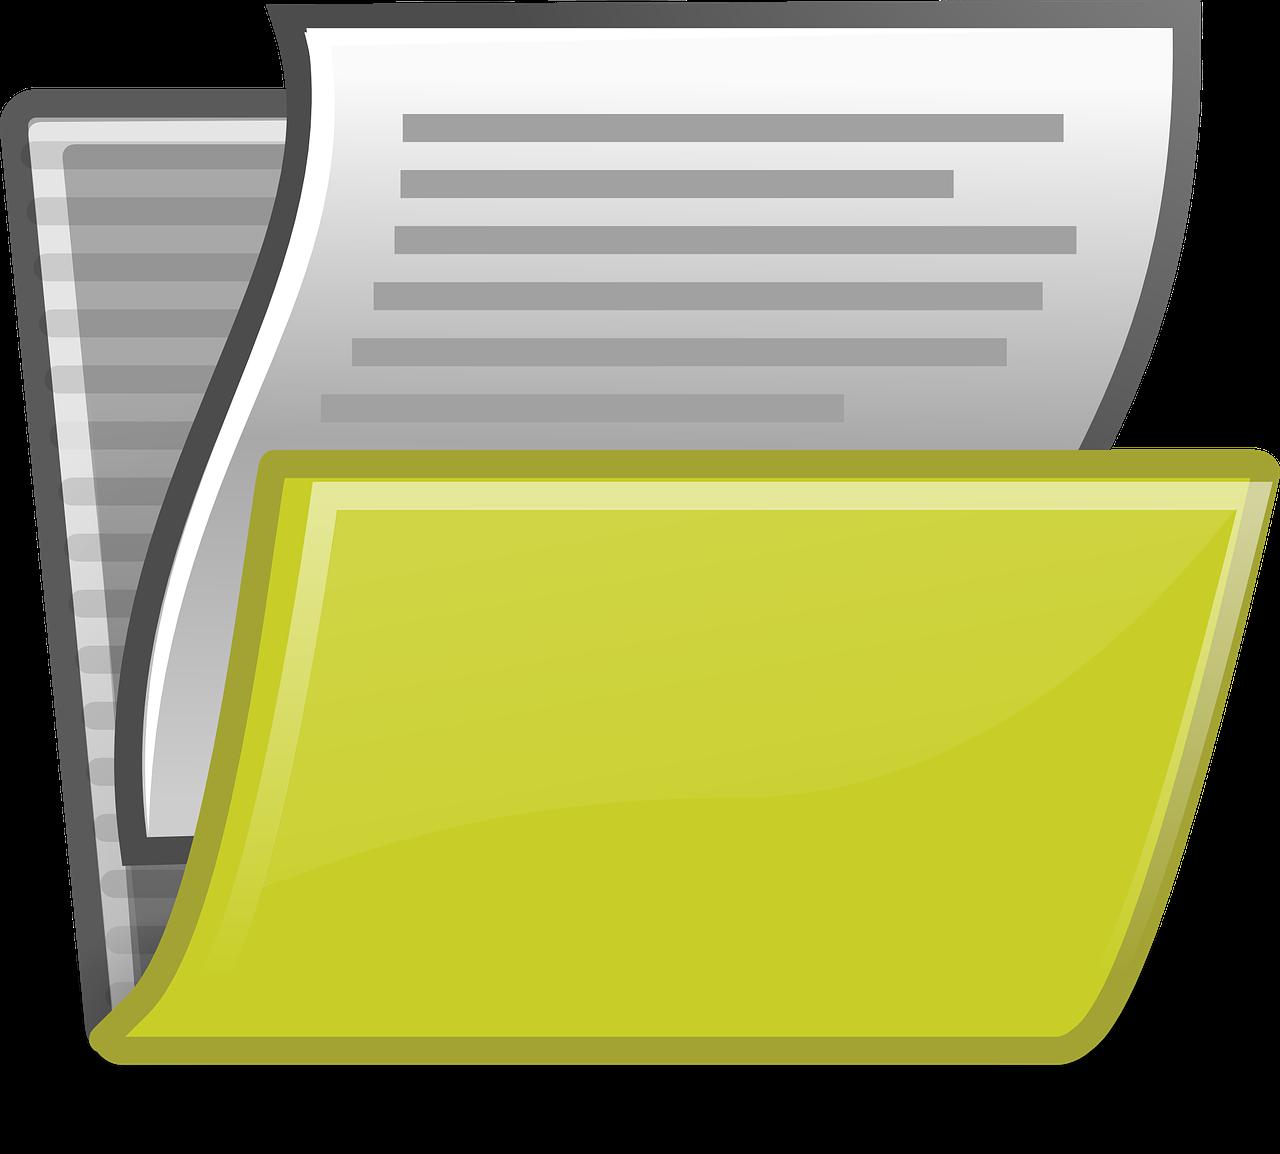 Comment créer un dossier dans Outlook 2019 ?